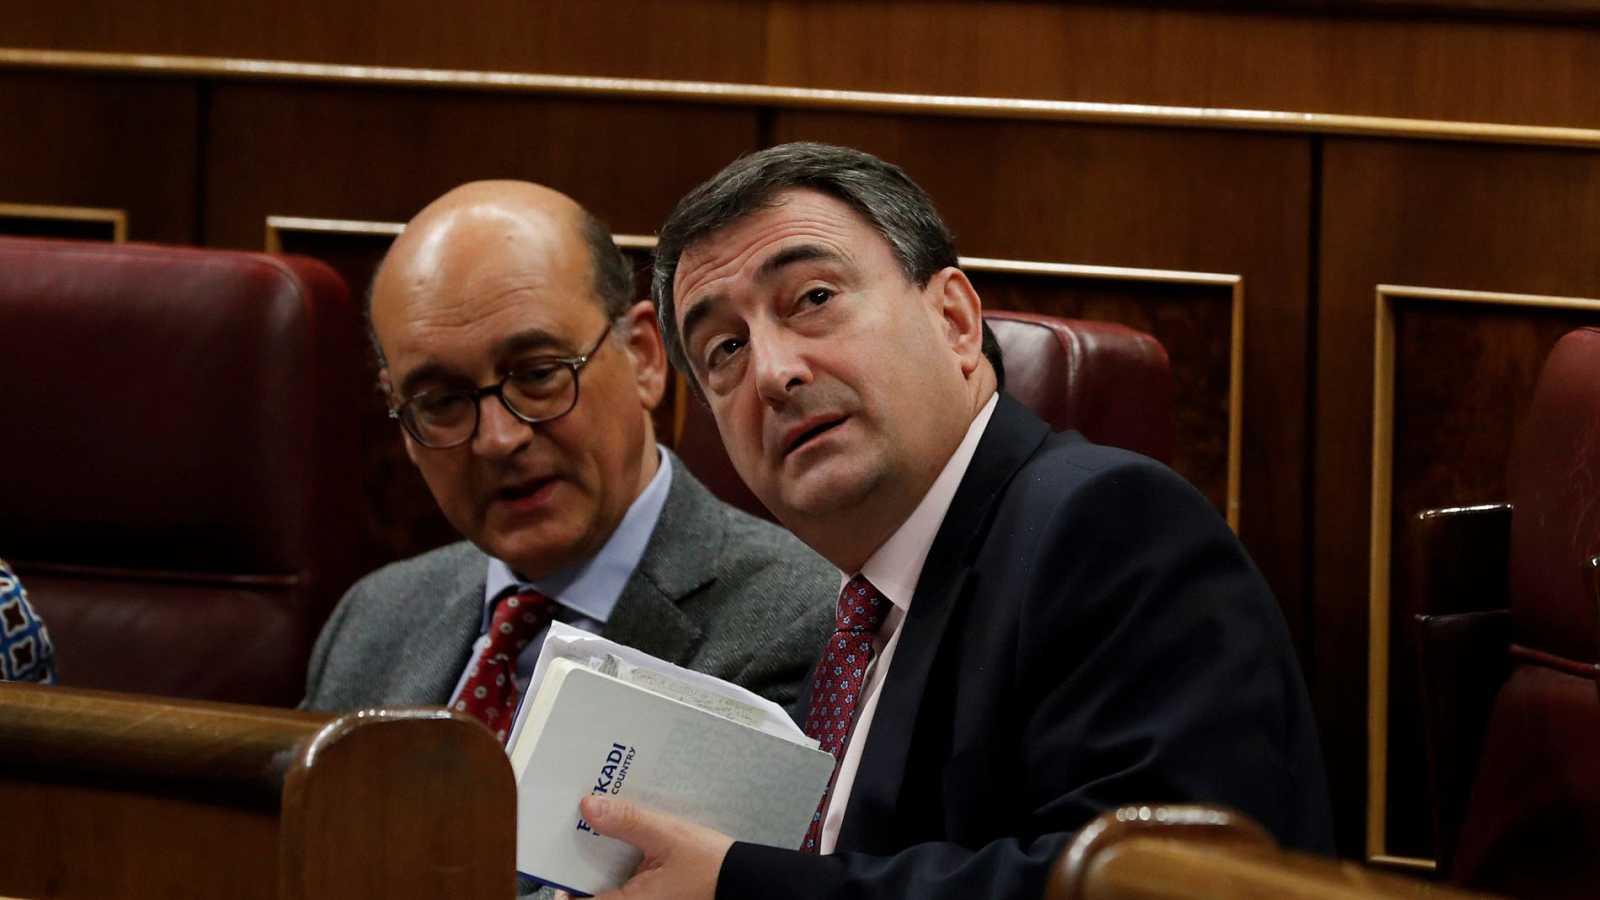 """Esteban (PNV) confía en la aprobación de los presupuestos, pese a las """"dudas del gobierno"""" sobre el calendario: """"Queremos negociar"""""""